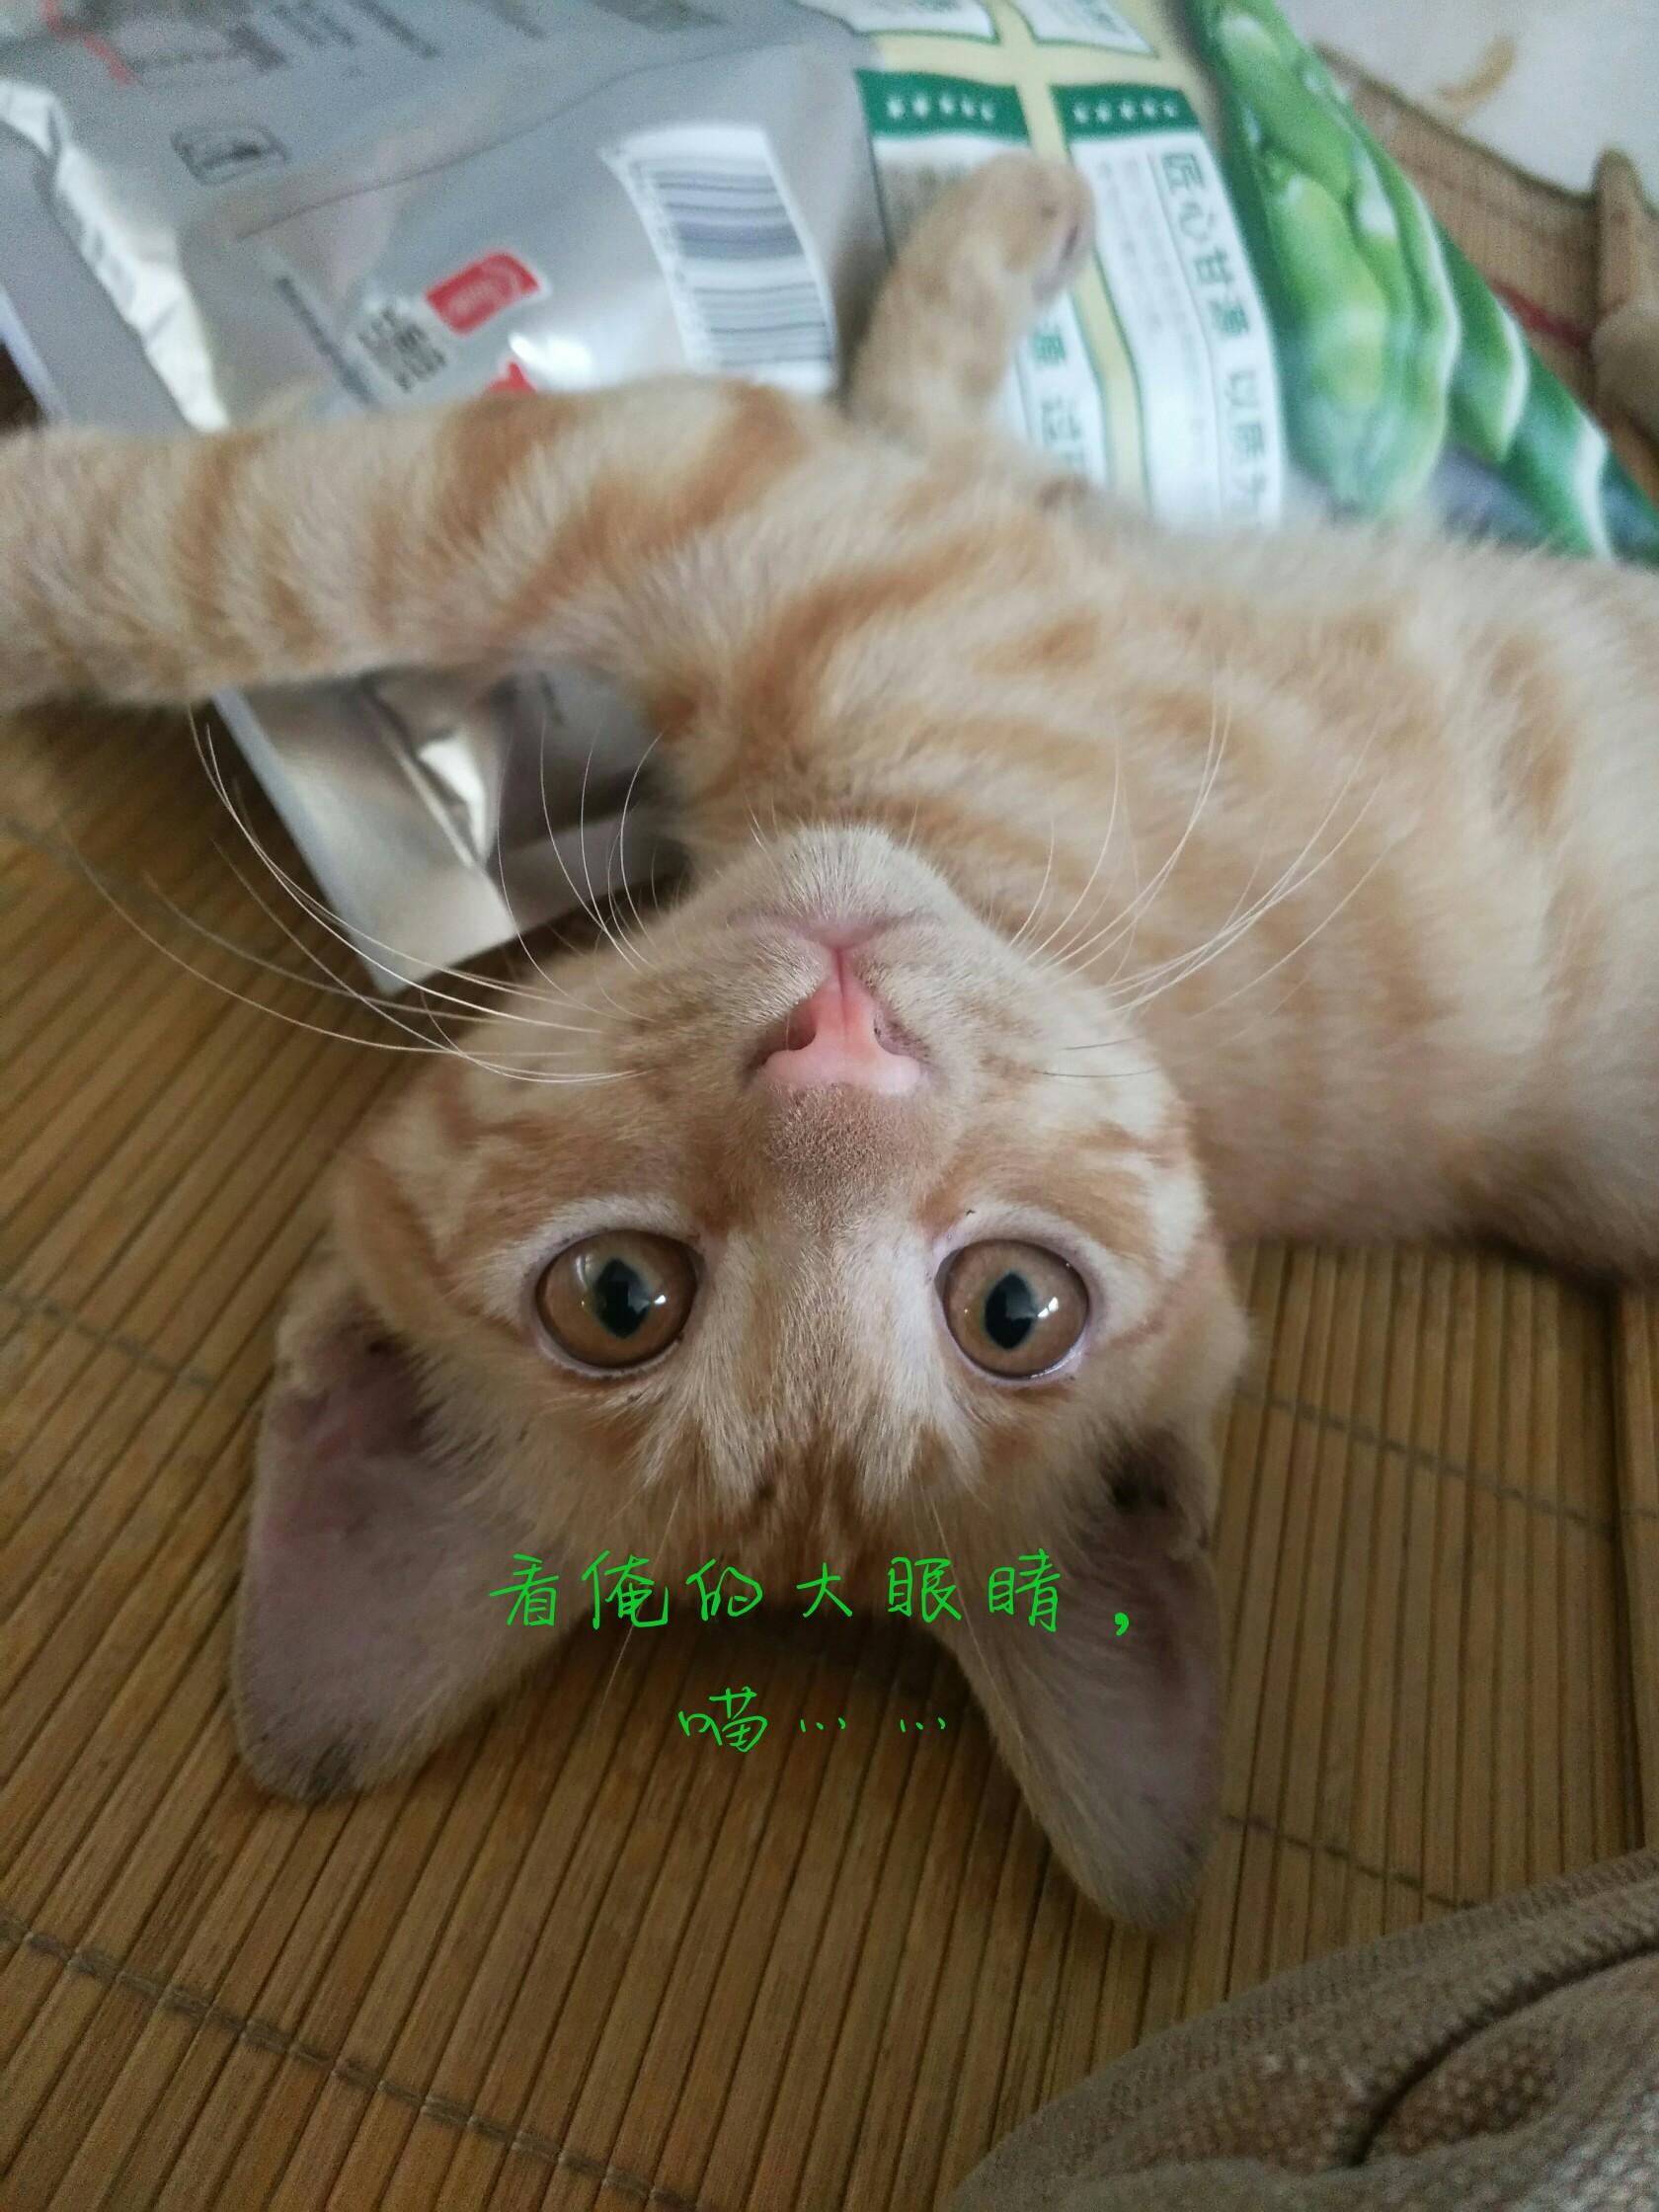 我家的小可爱_帖子_oppo手机官方社区